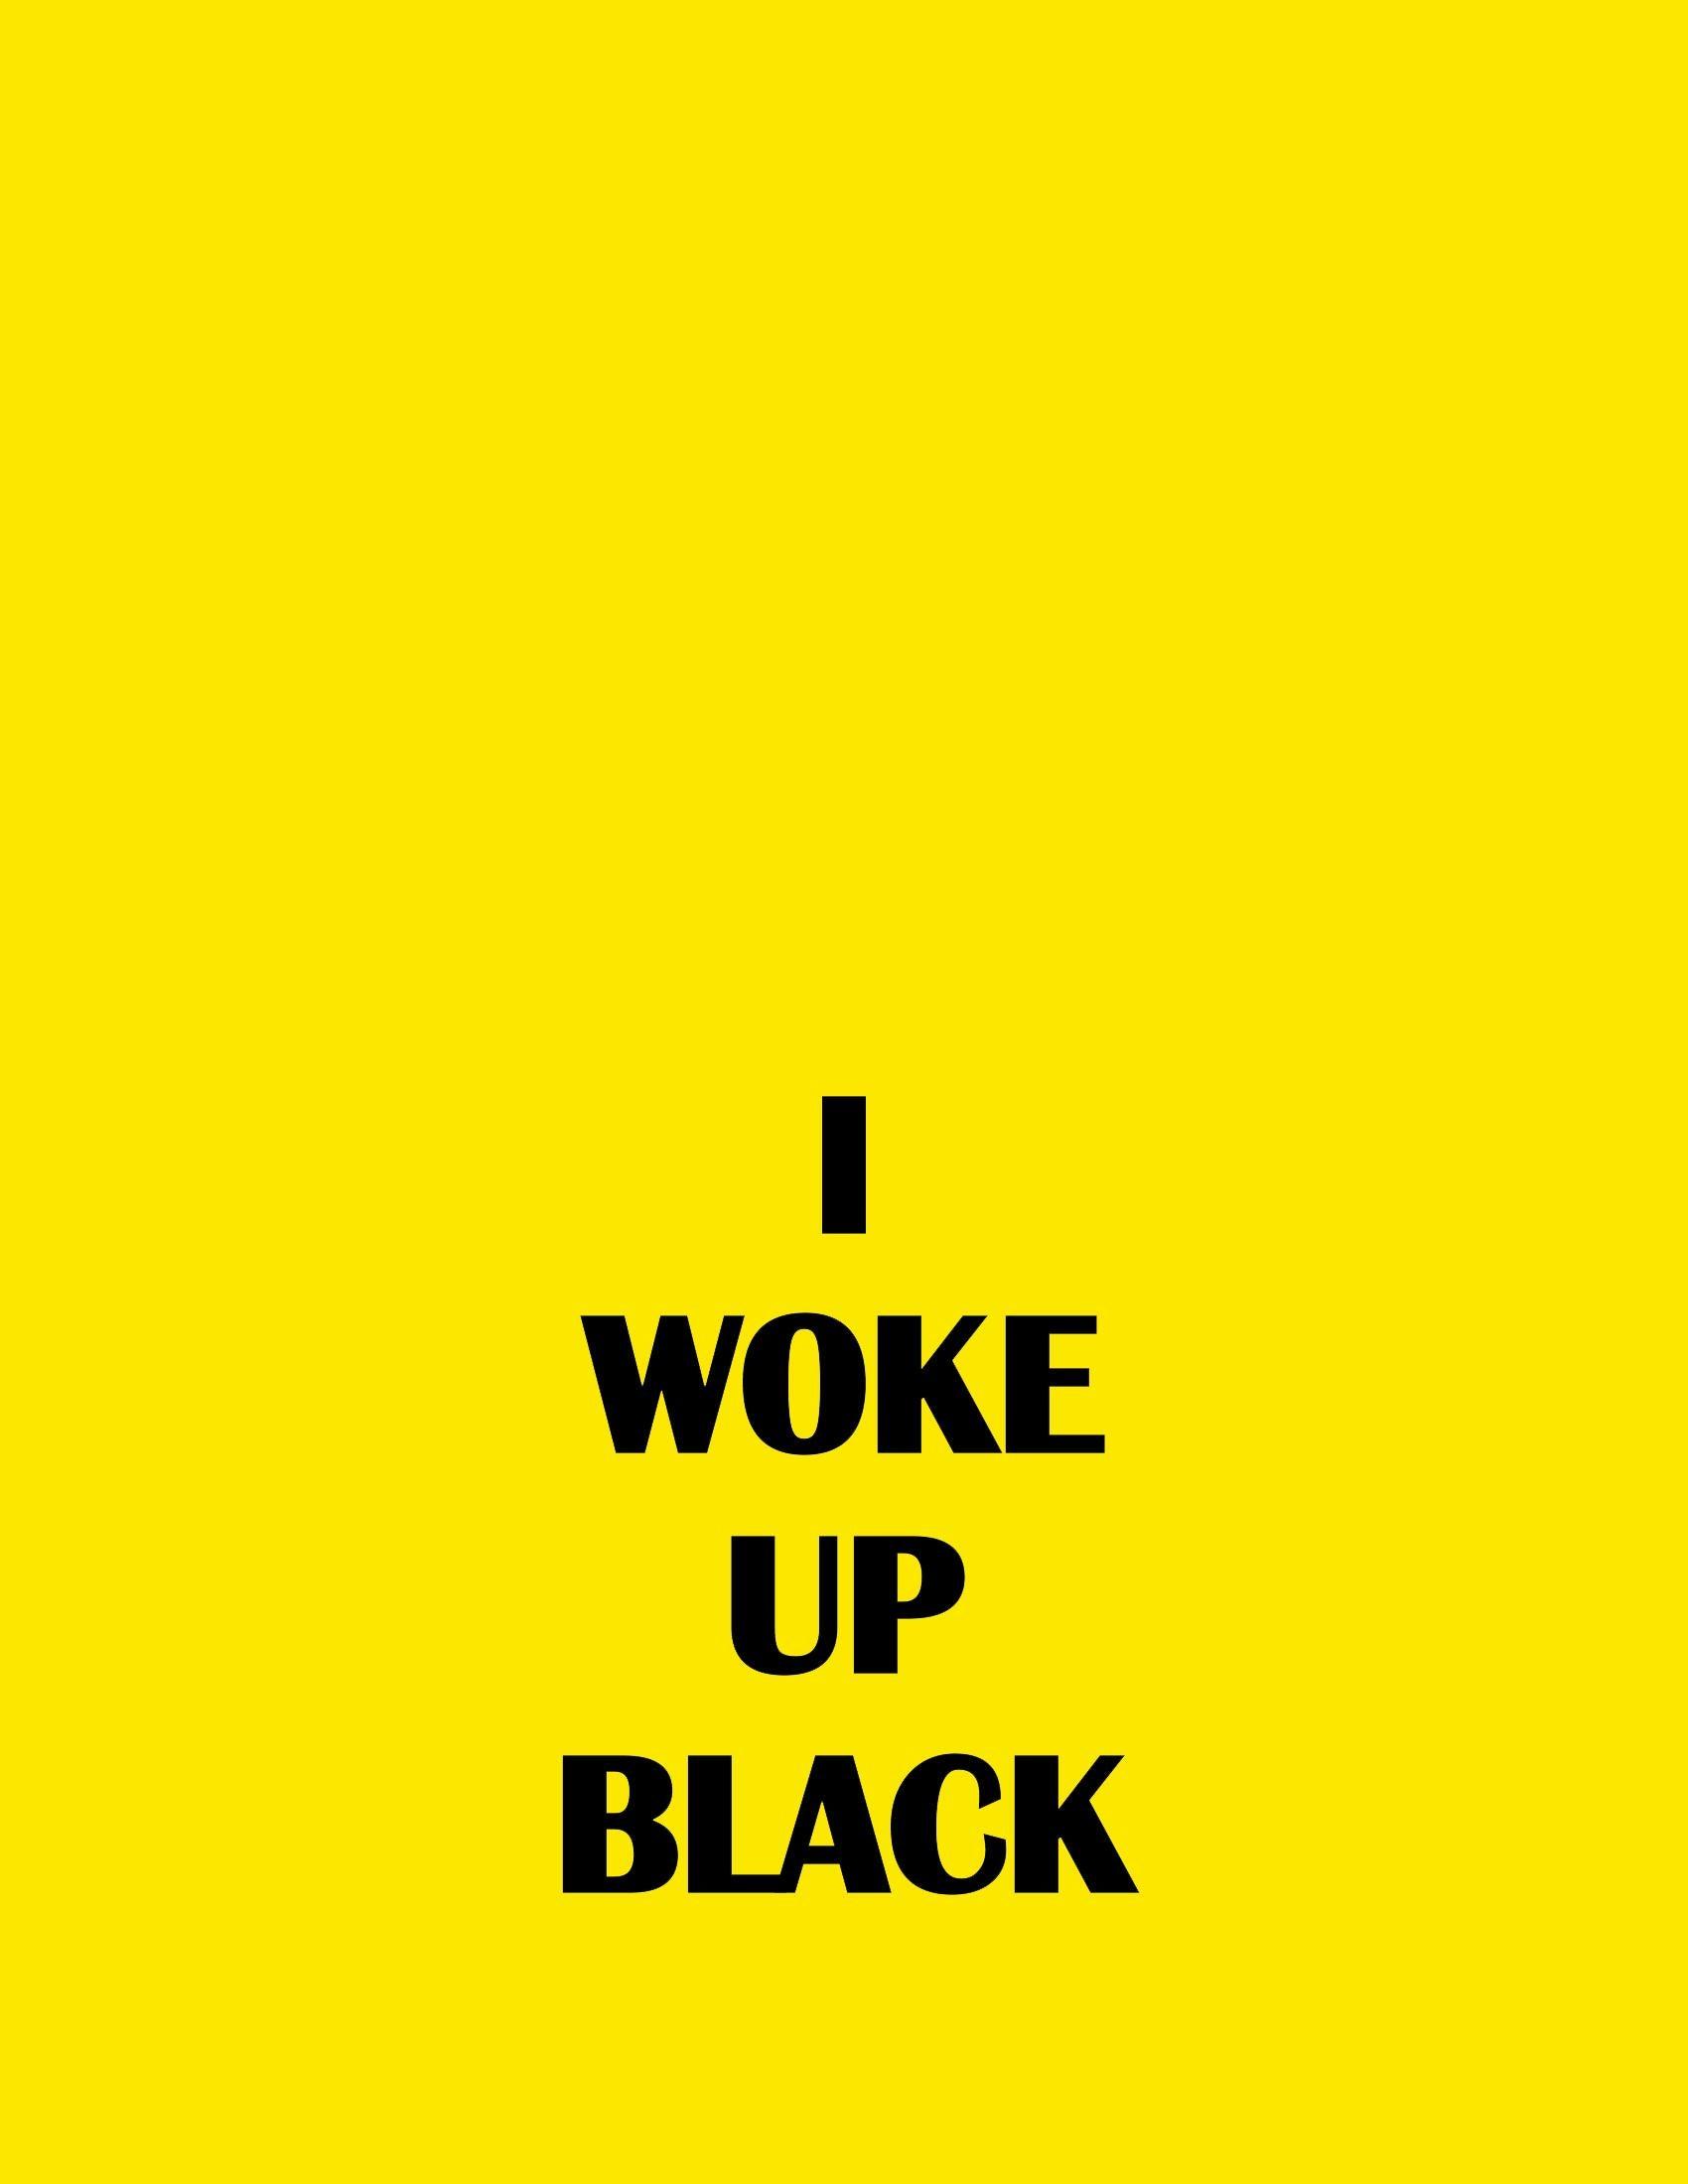 PLAYLIST -  I WOKE UP BLACK